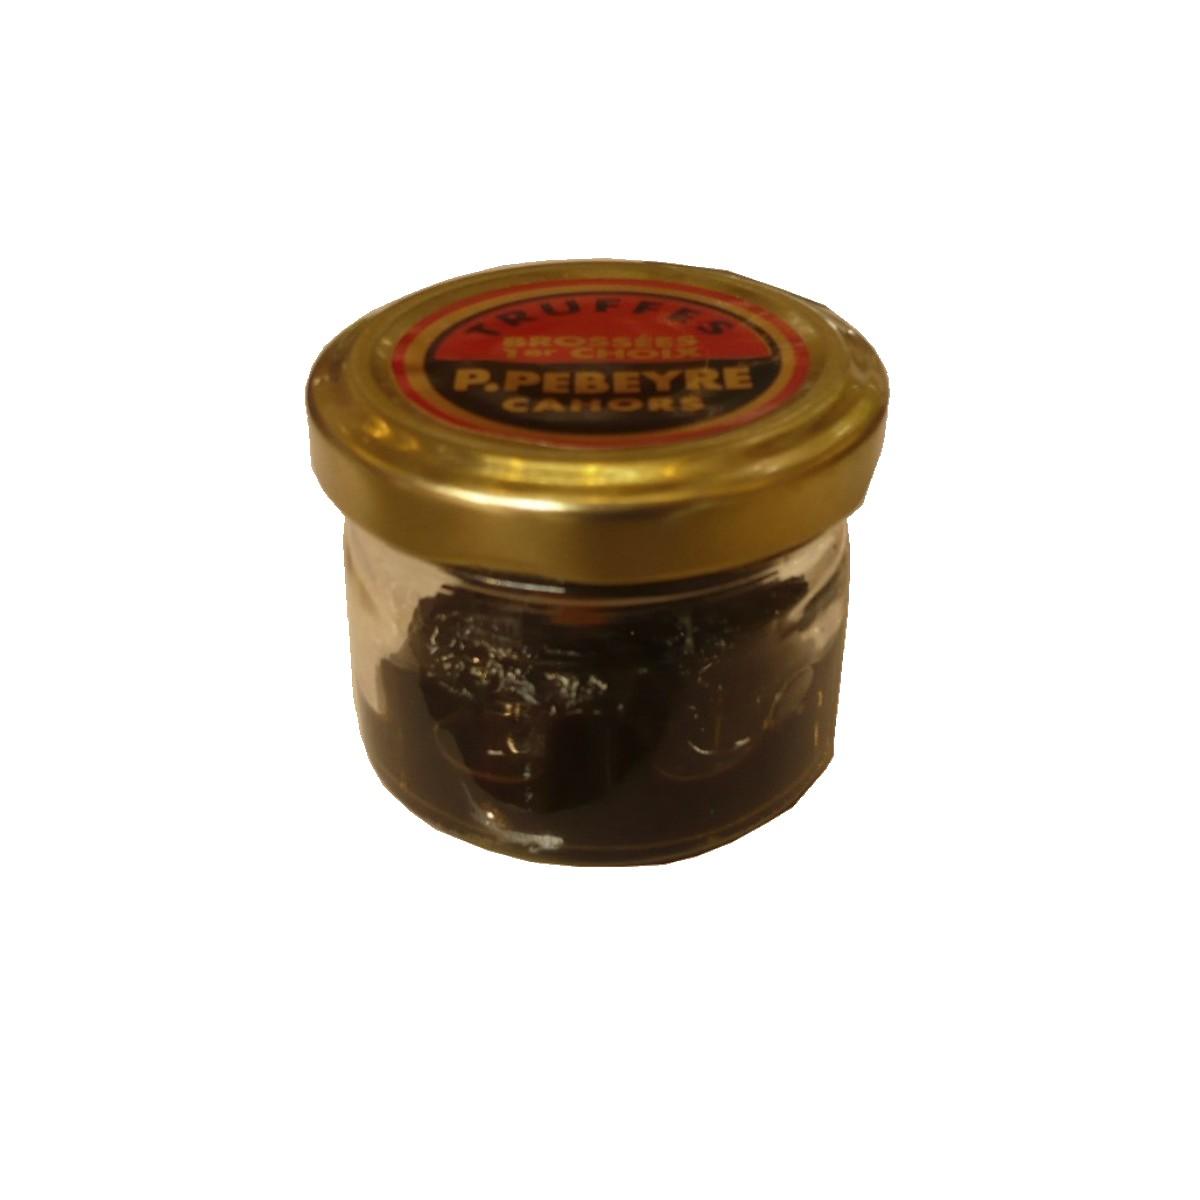 Pelure de truffe 12.5 g (France)